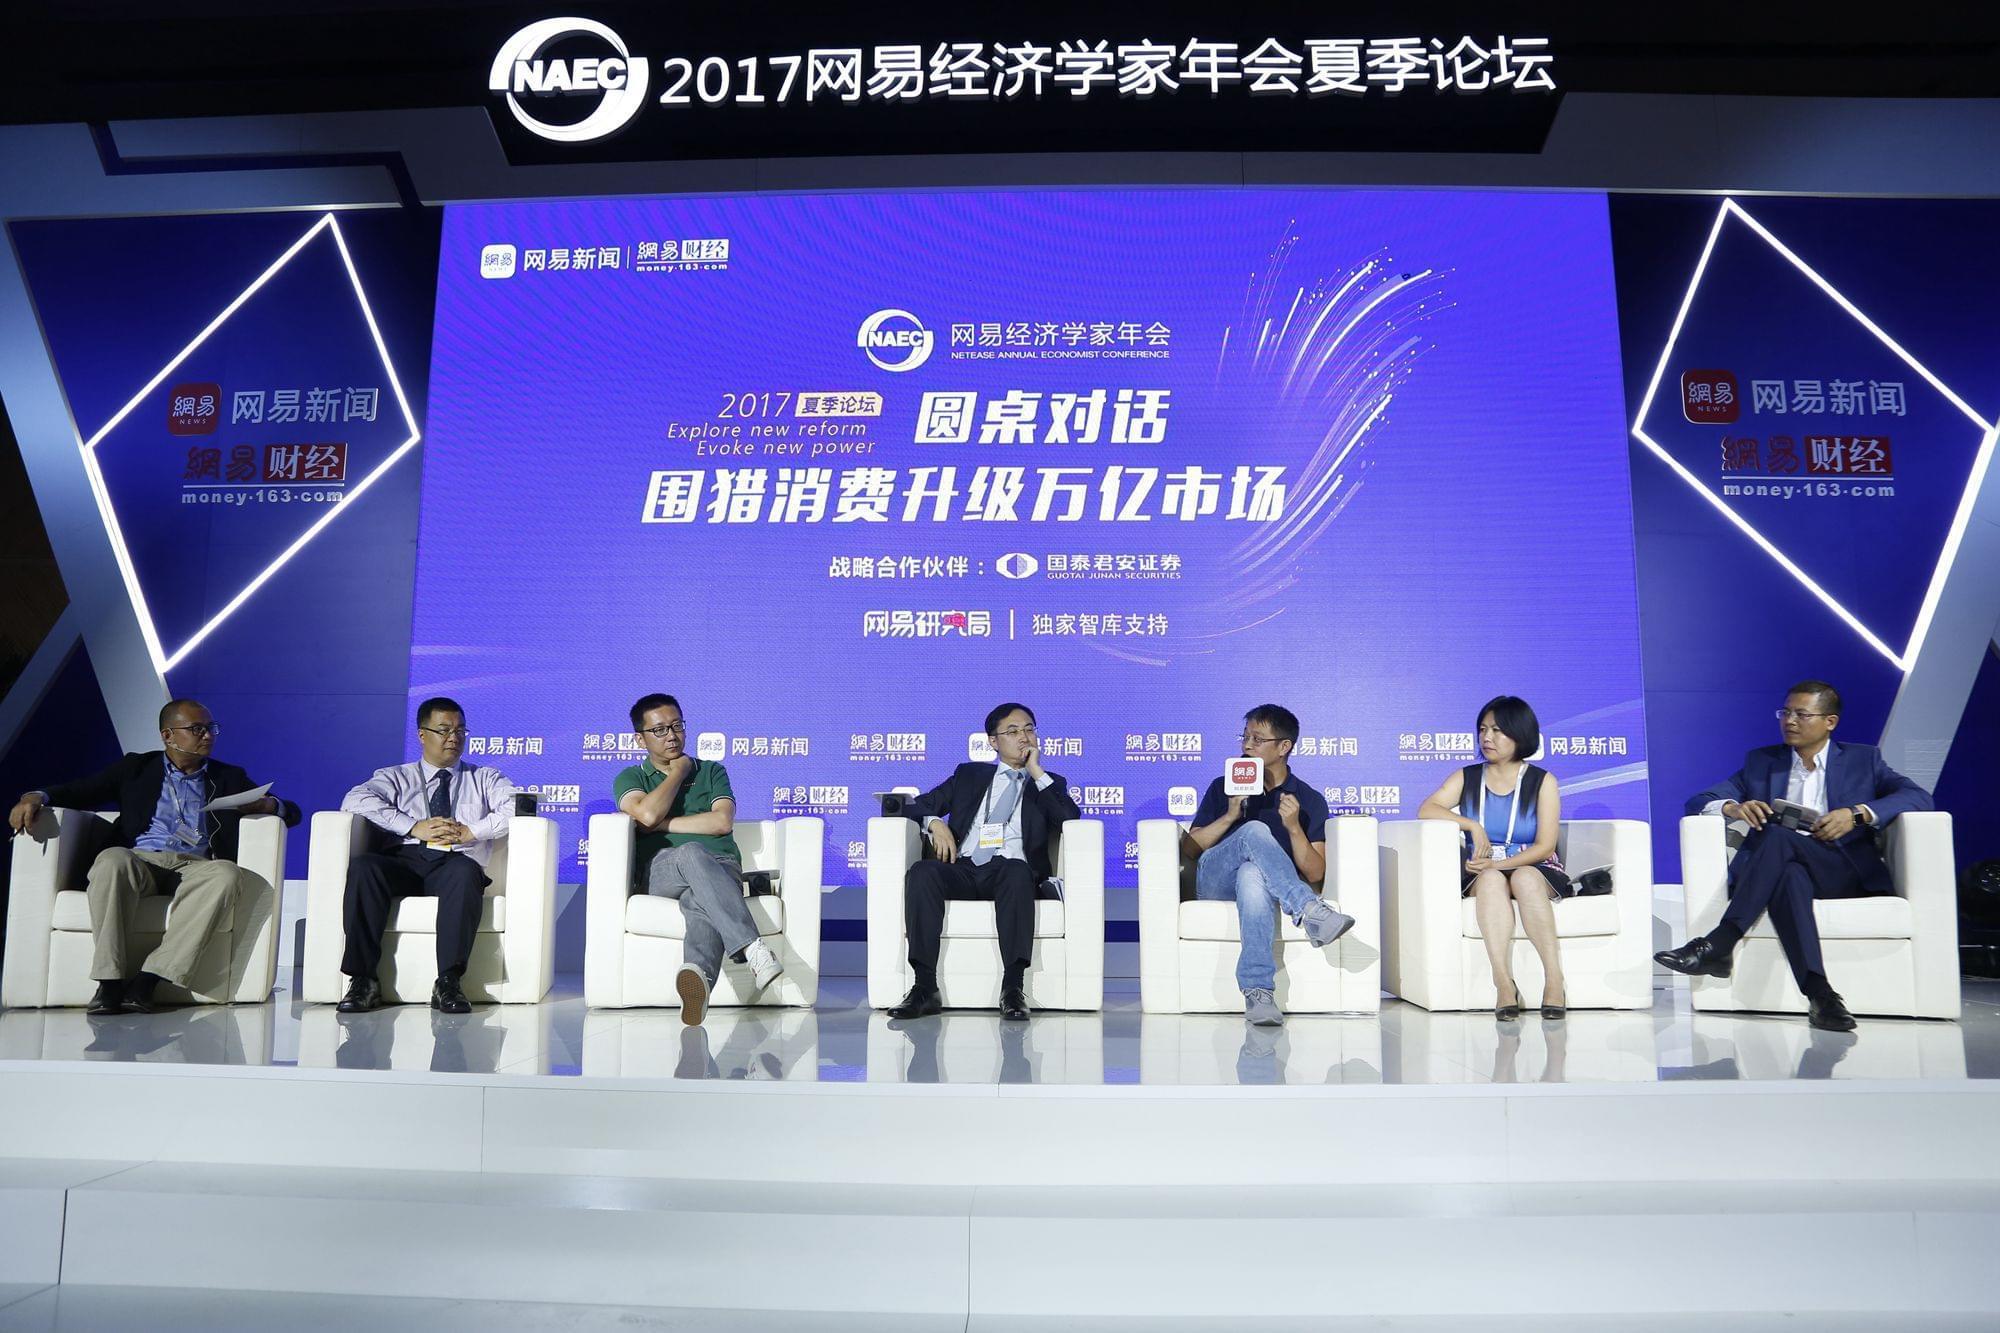 韩微文:任何的创新都有风险 都有成功的概率